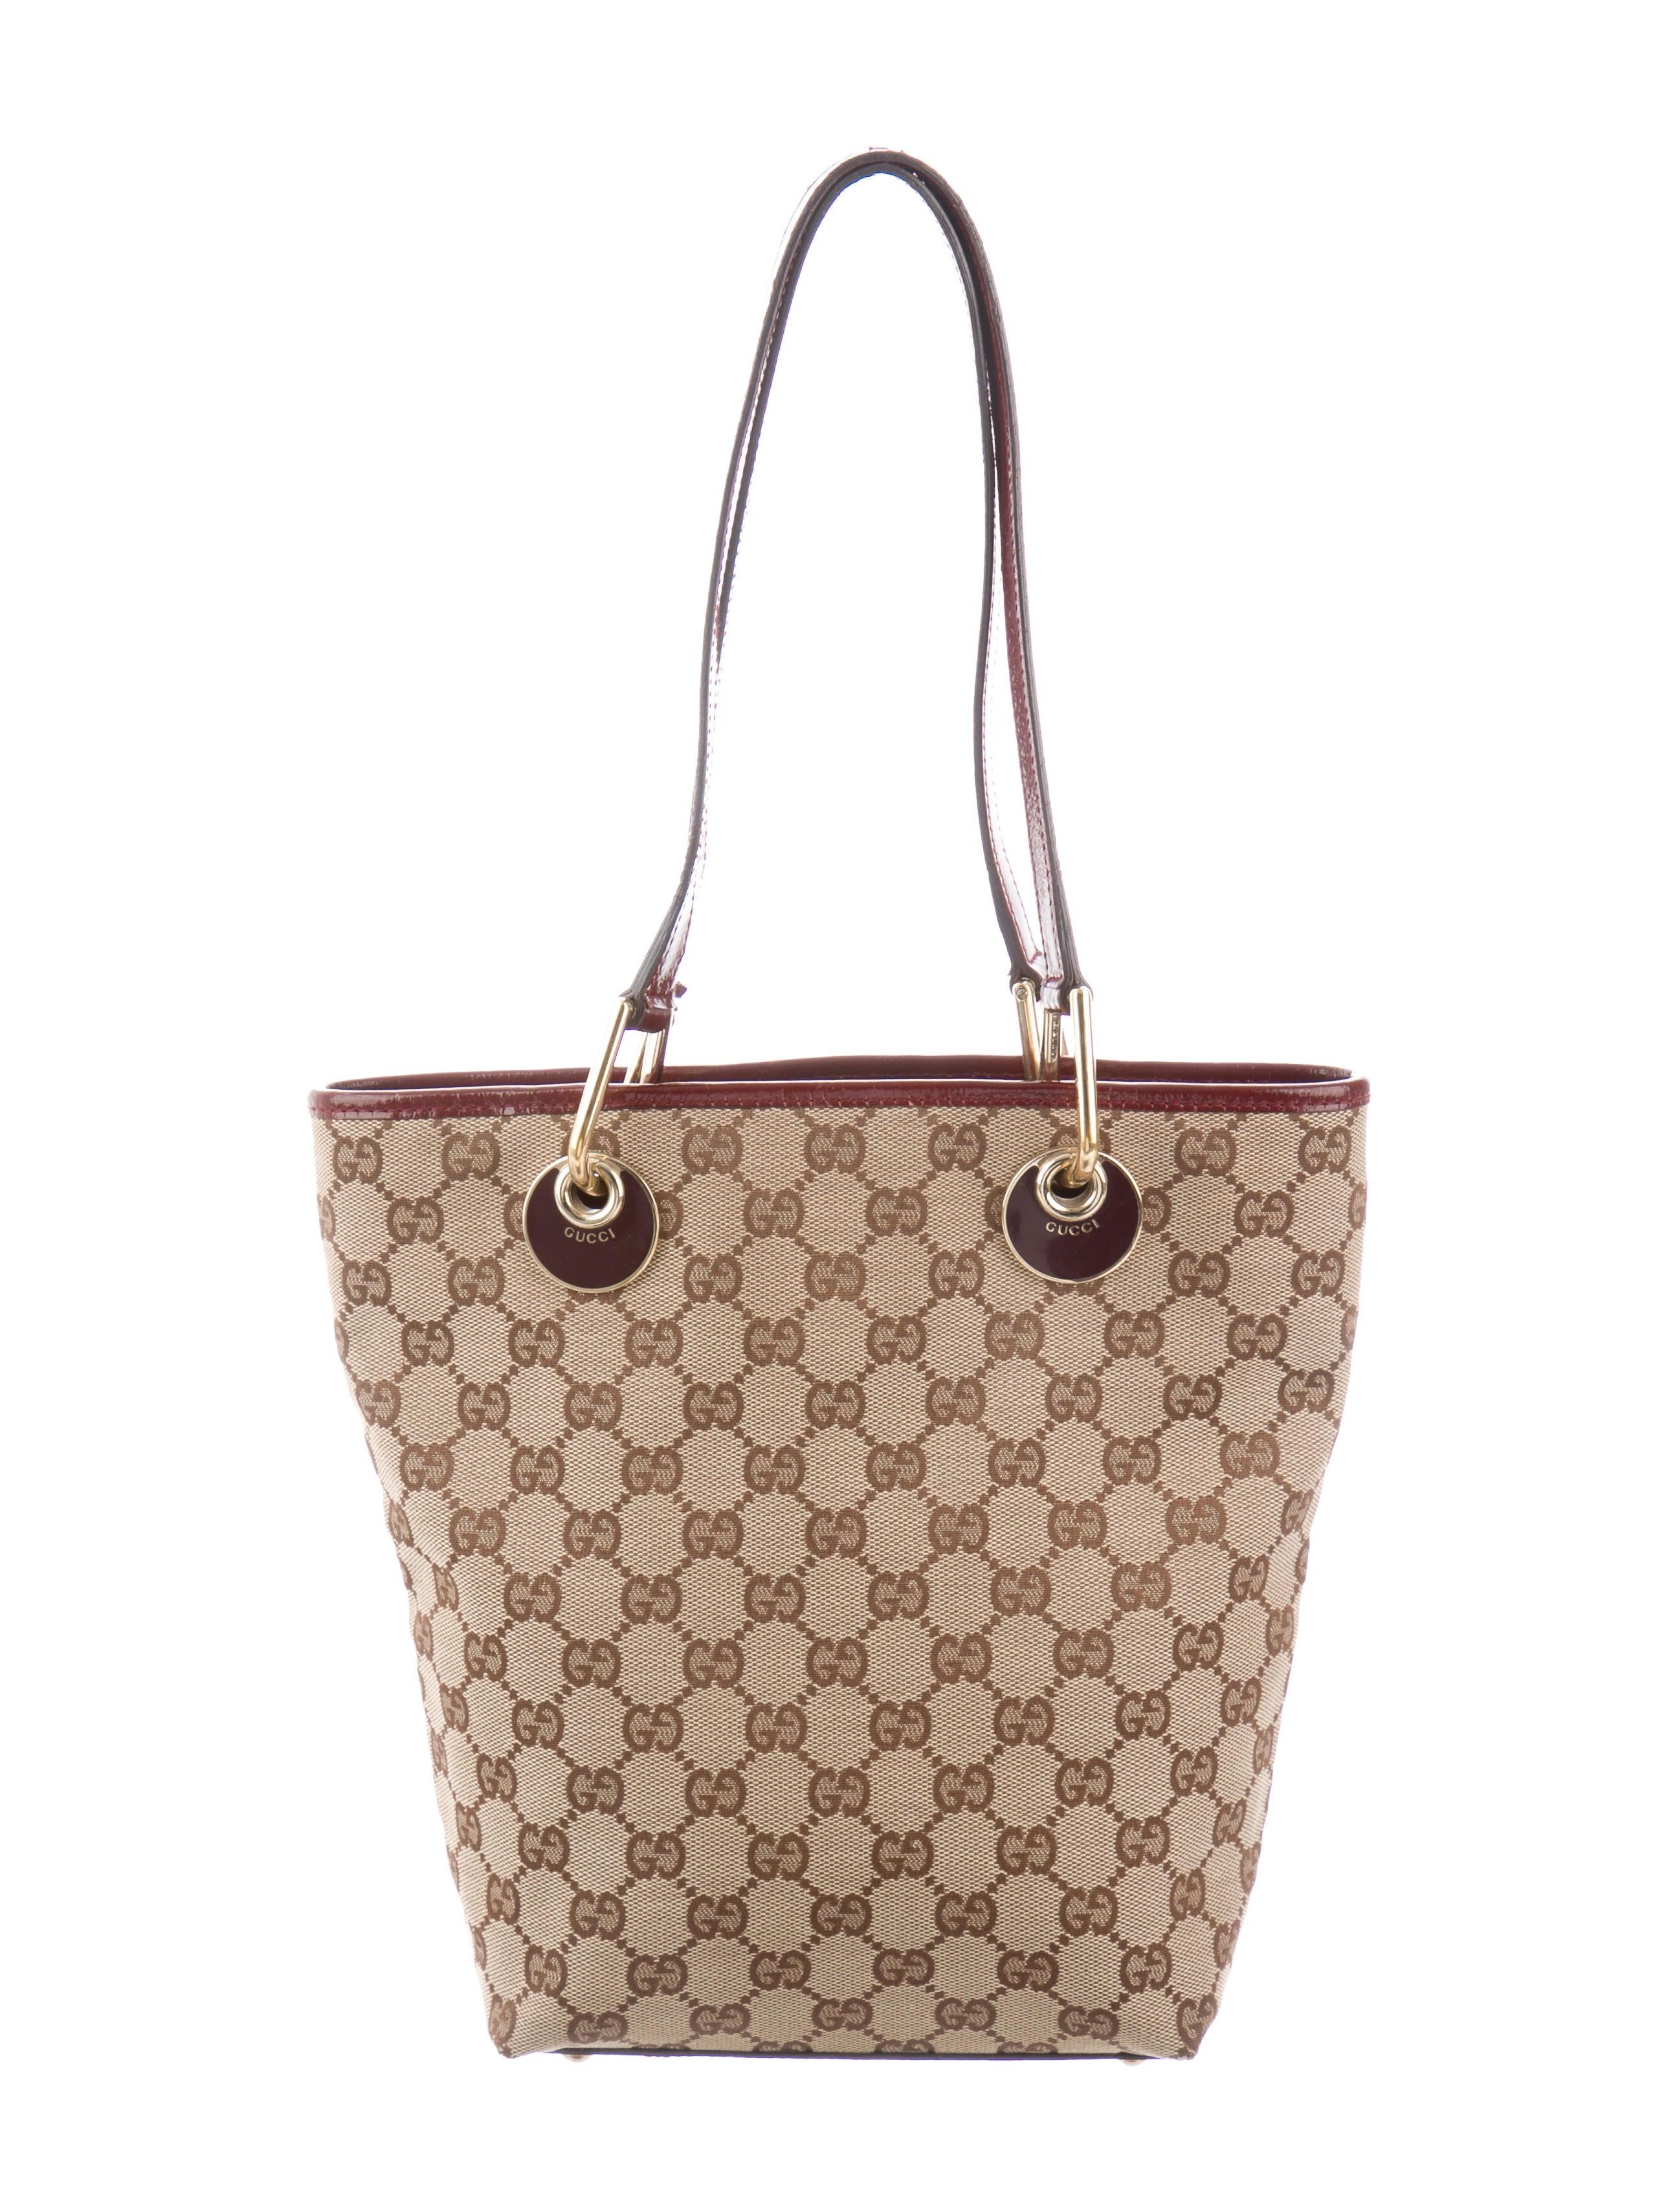 71e8e1c01a43 Gucci GG Canvas Small Eclipse Tote - Handbags - GUC285306 | The RealReal